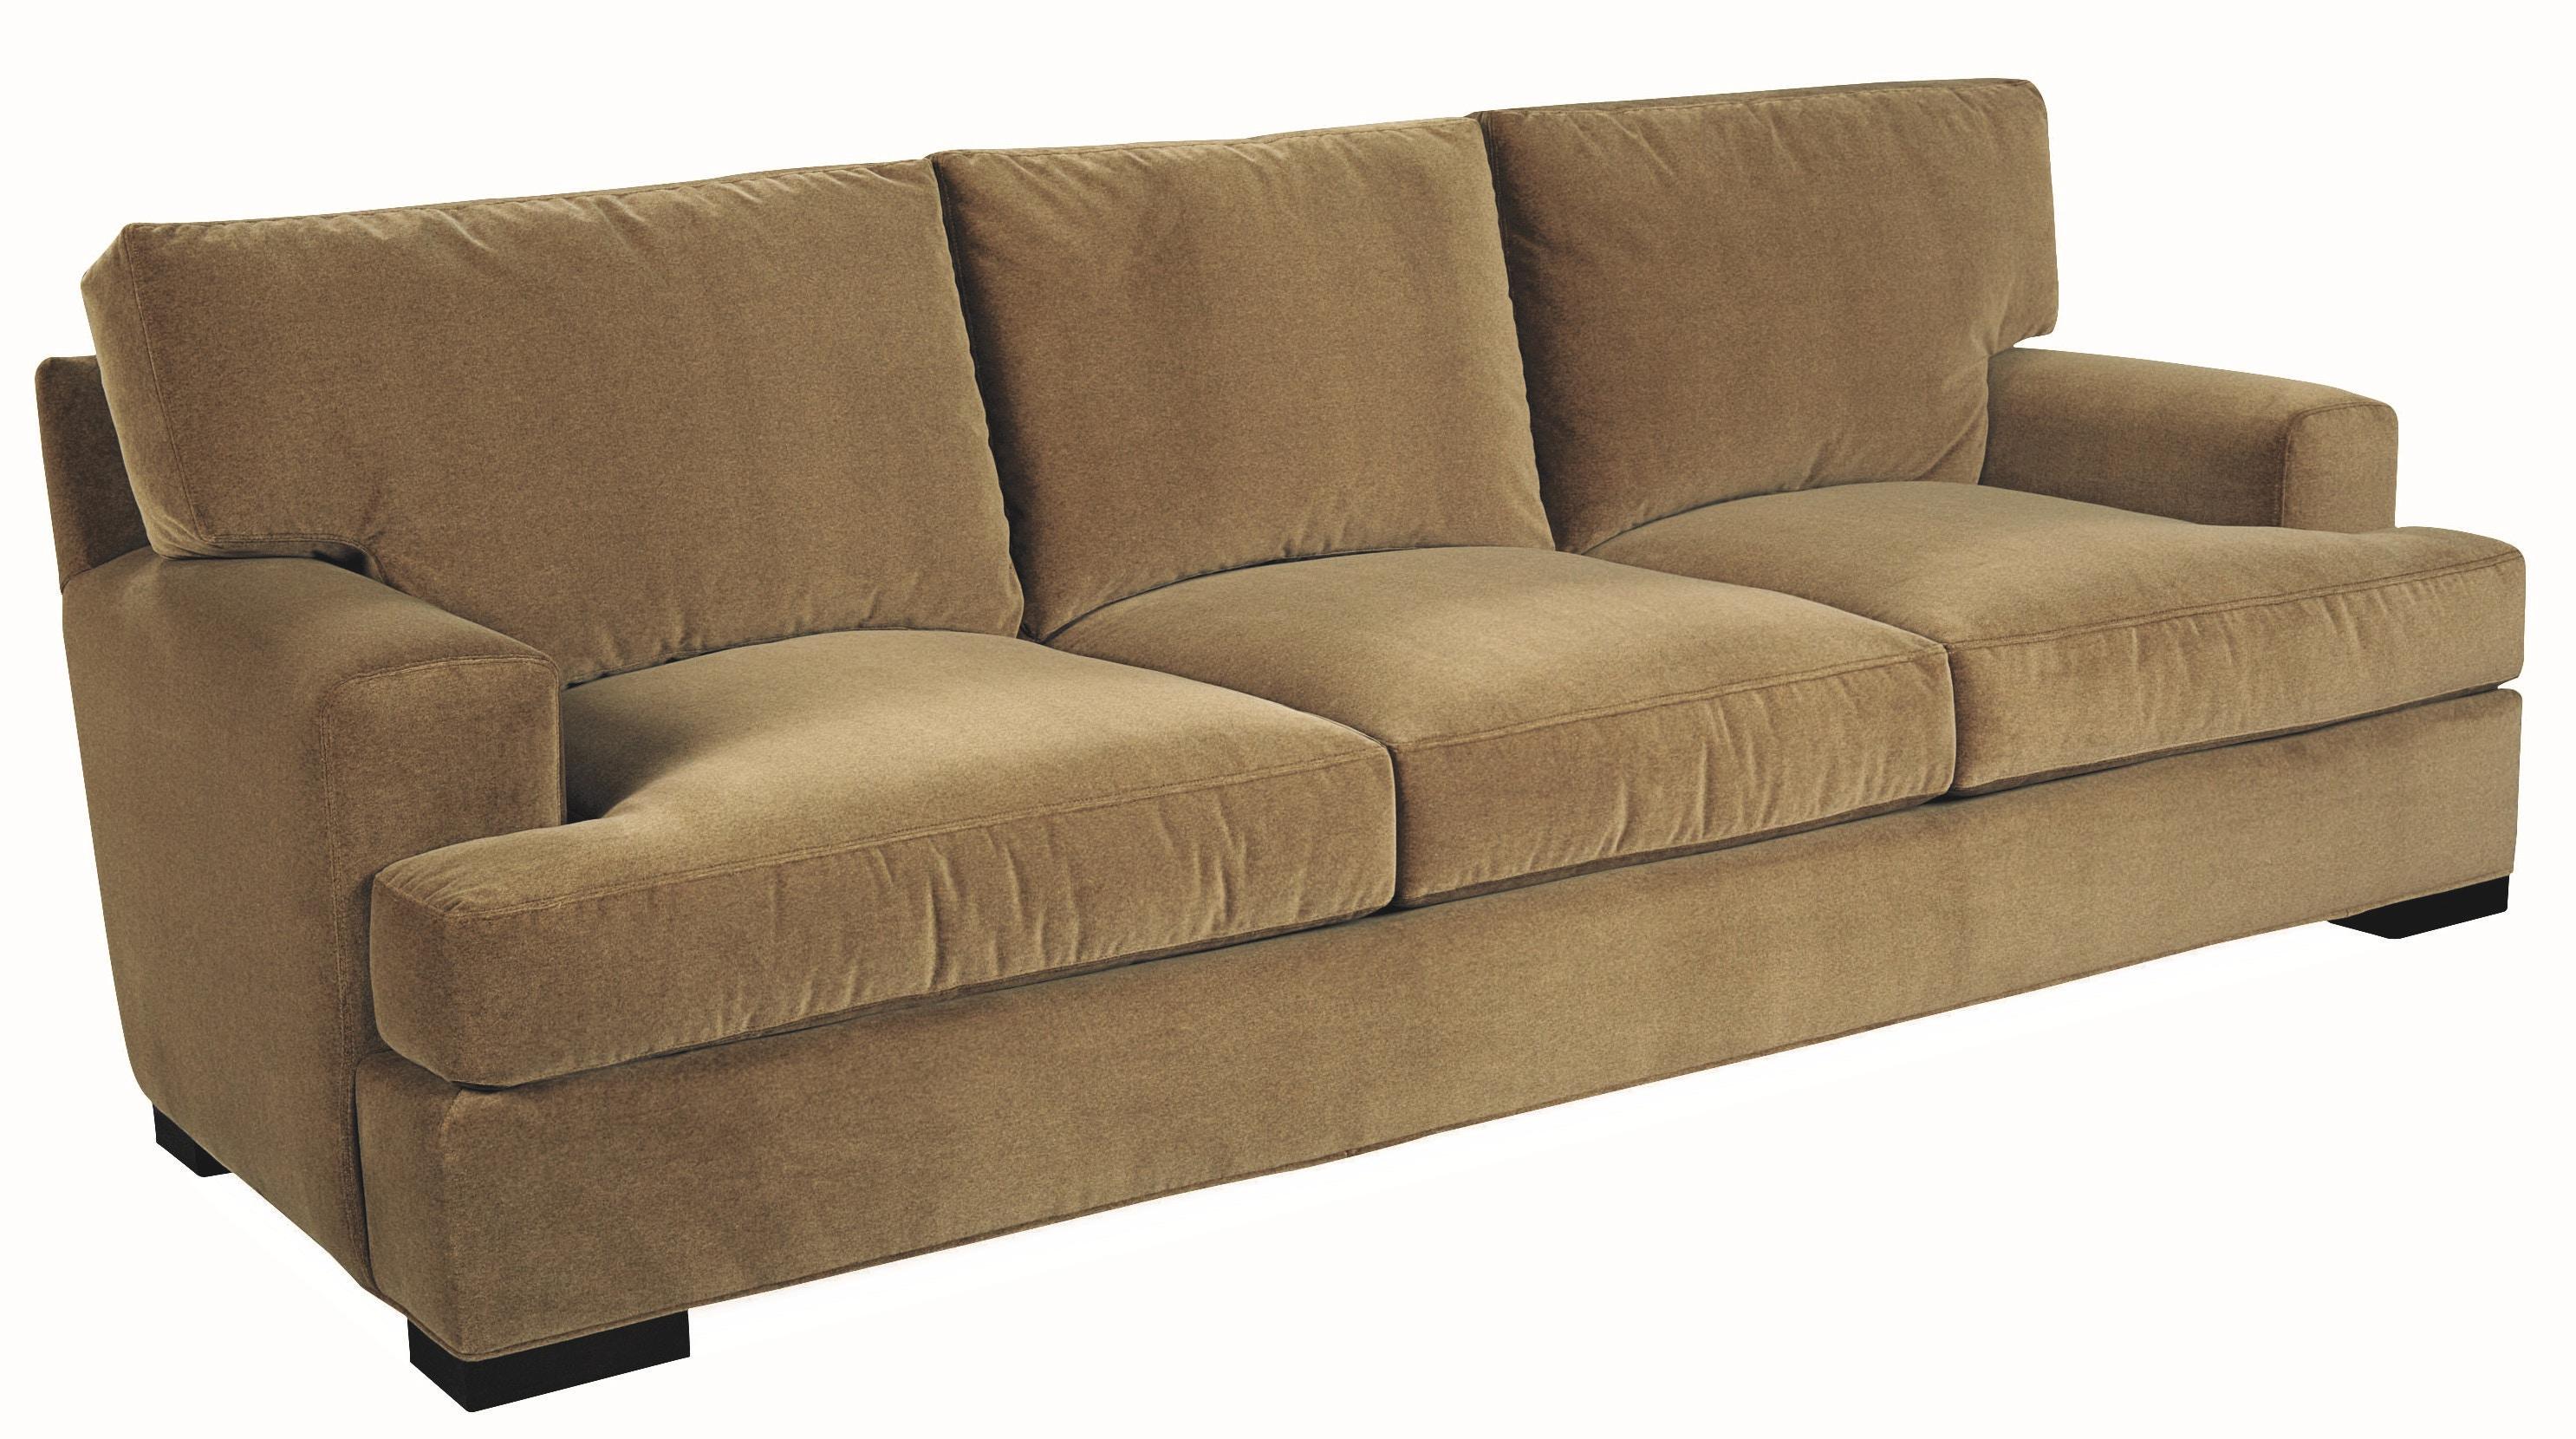 Lee Industries Sofa 3342 03